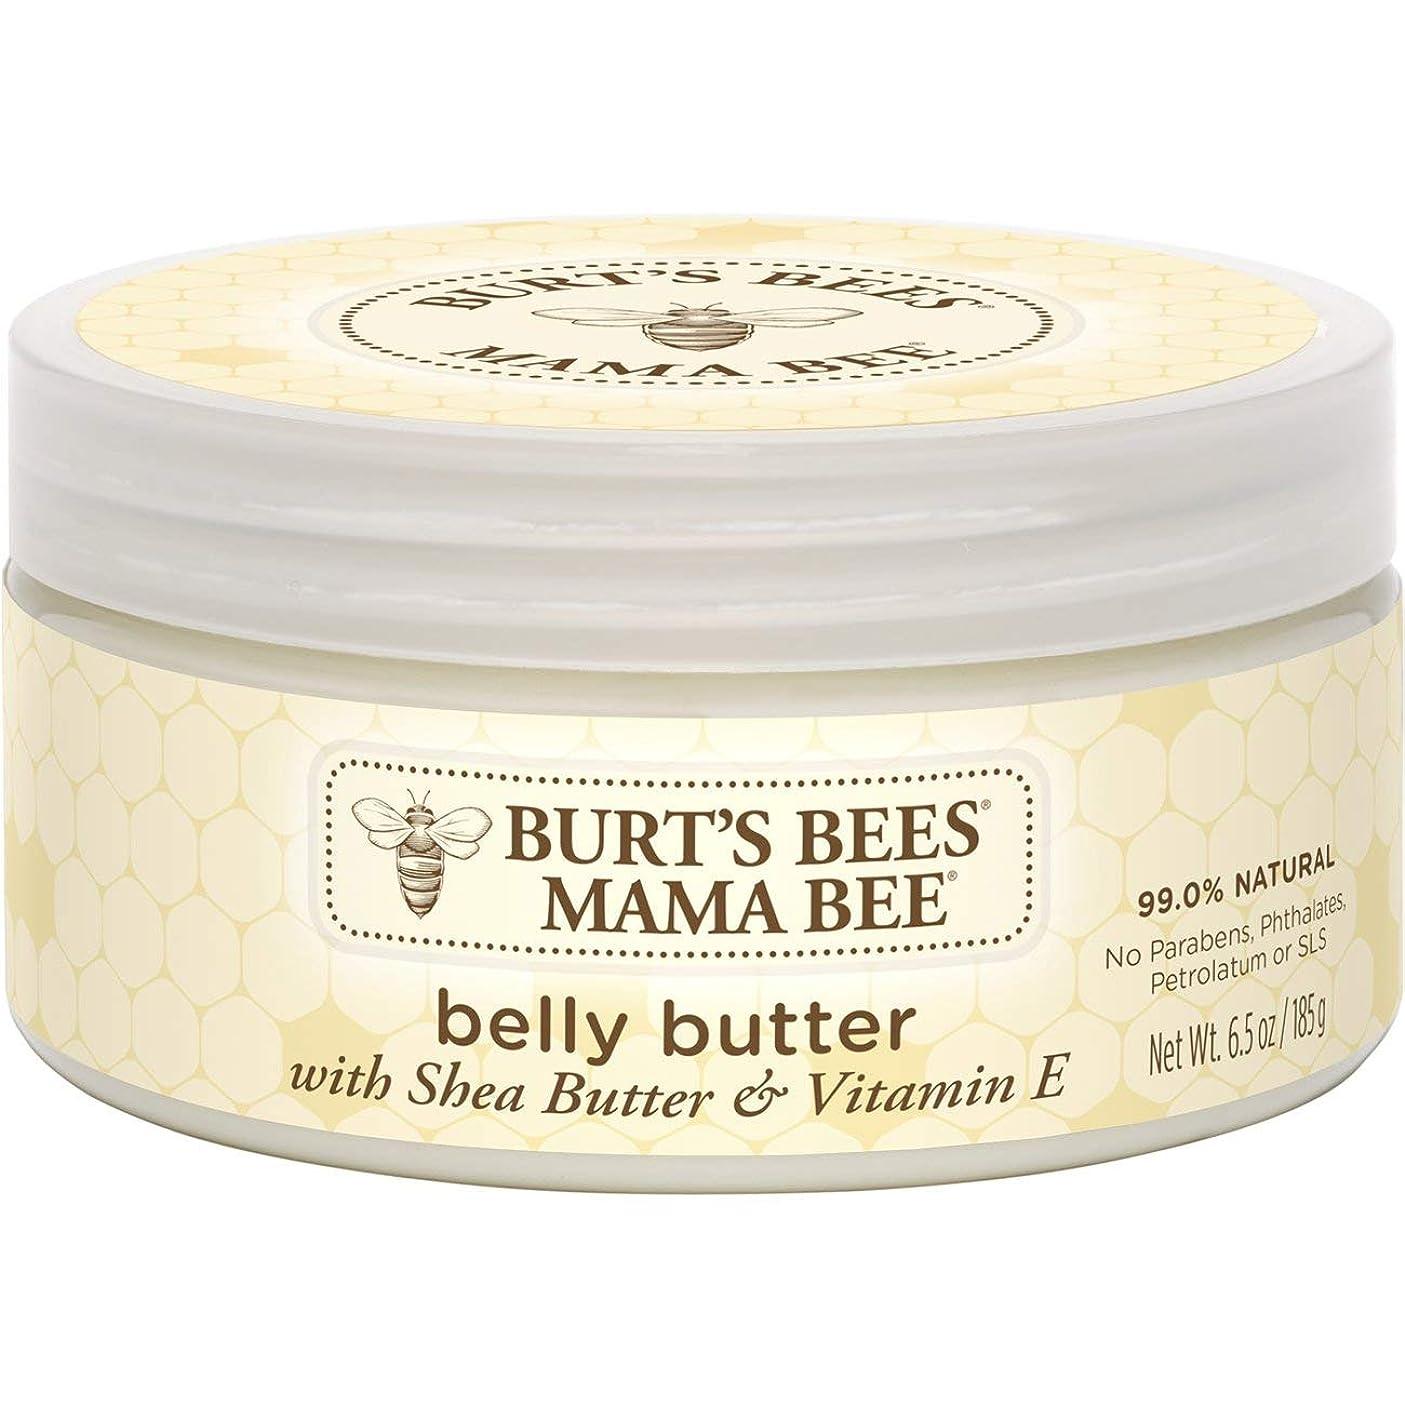 ヘリコプター偽物鳴らすBurt's Beets ママビー産前、産後のためのお腹専用バター185g**並行輸入